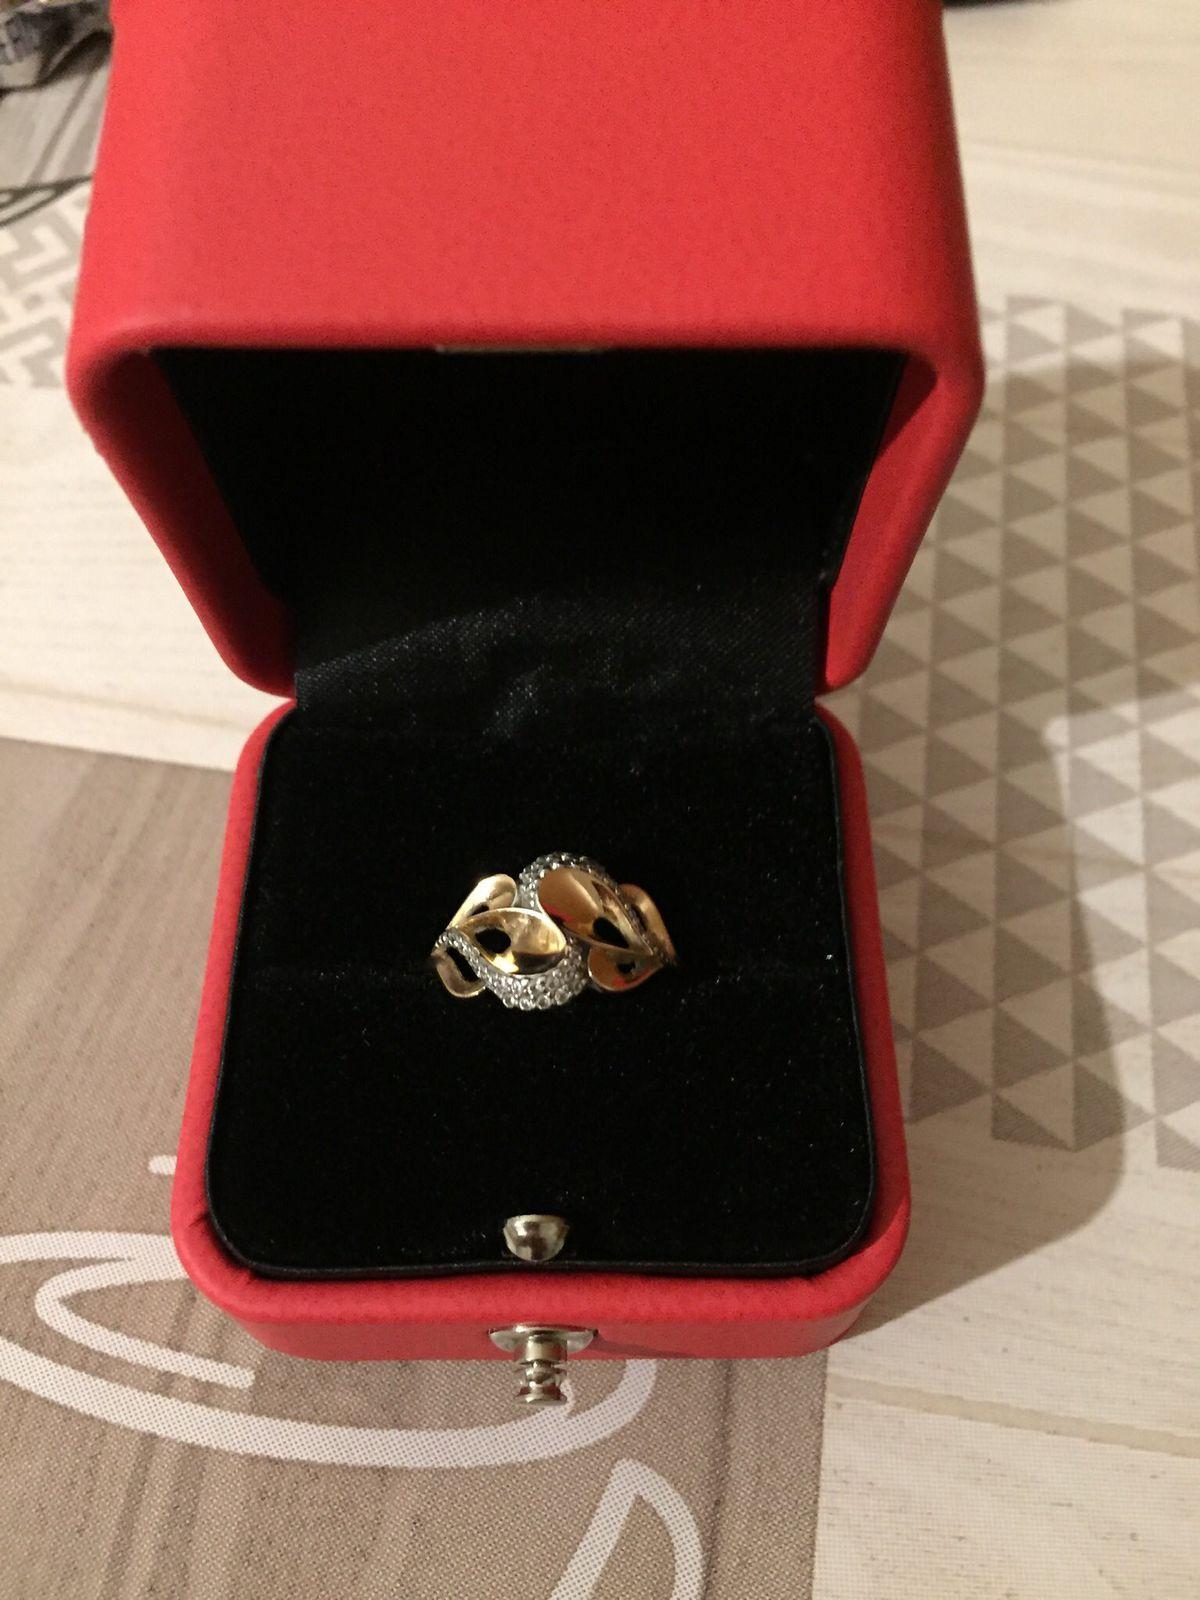 Очень нежное кольцо мне очень понравилось более нежно село на мои пальчики